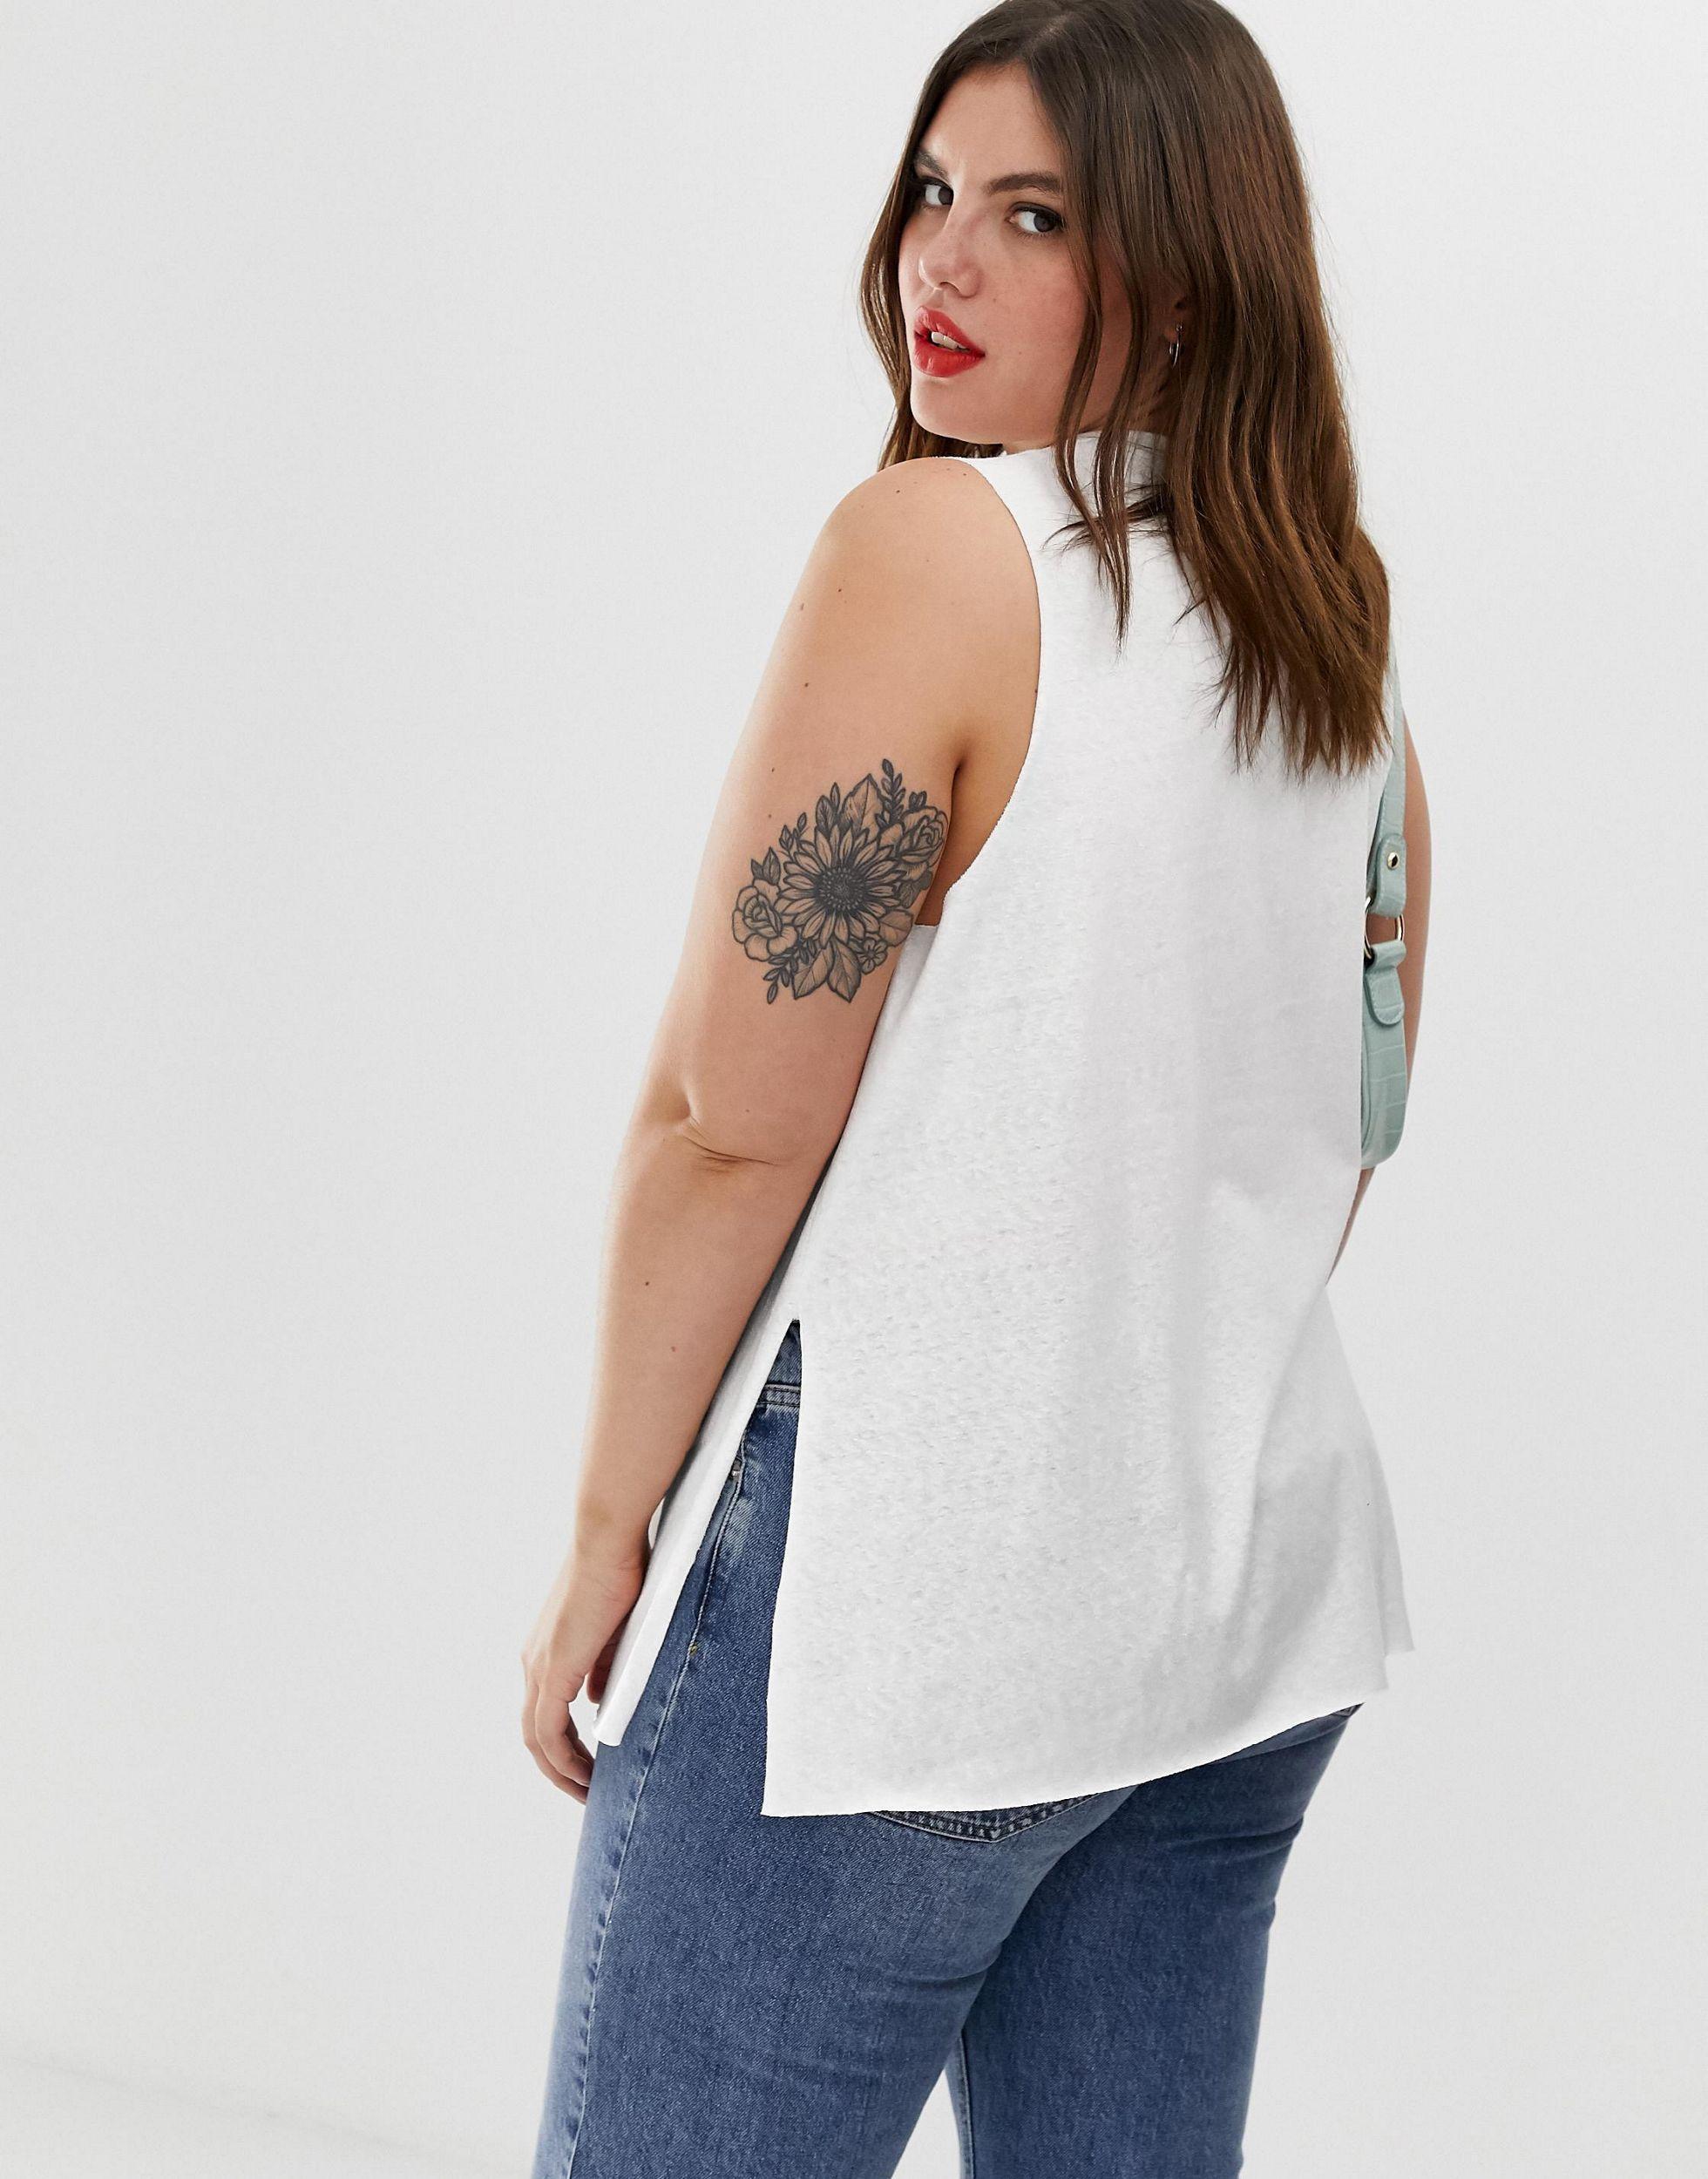 ASOS DESIGN Curve - Top sans manches en lin mélangé avec fente sur le côté Lin ASOS en coloris Blanc